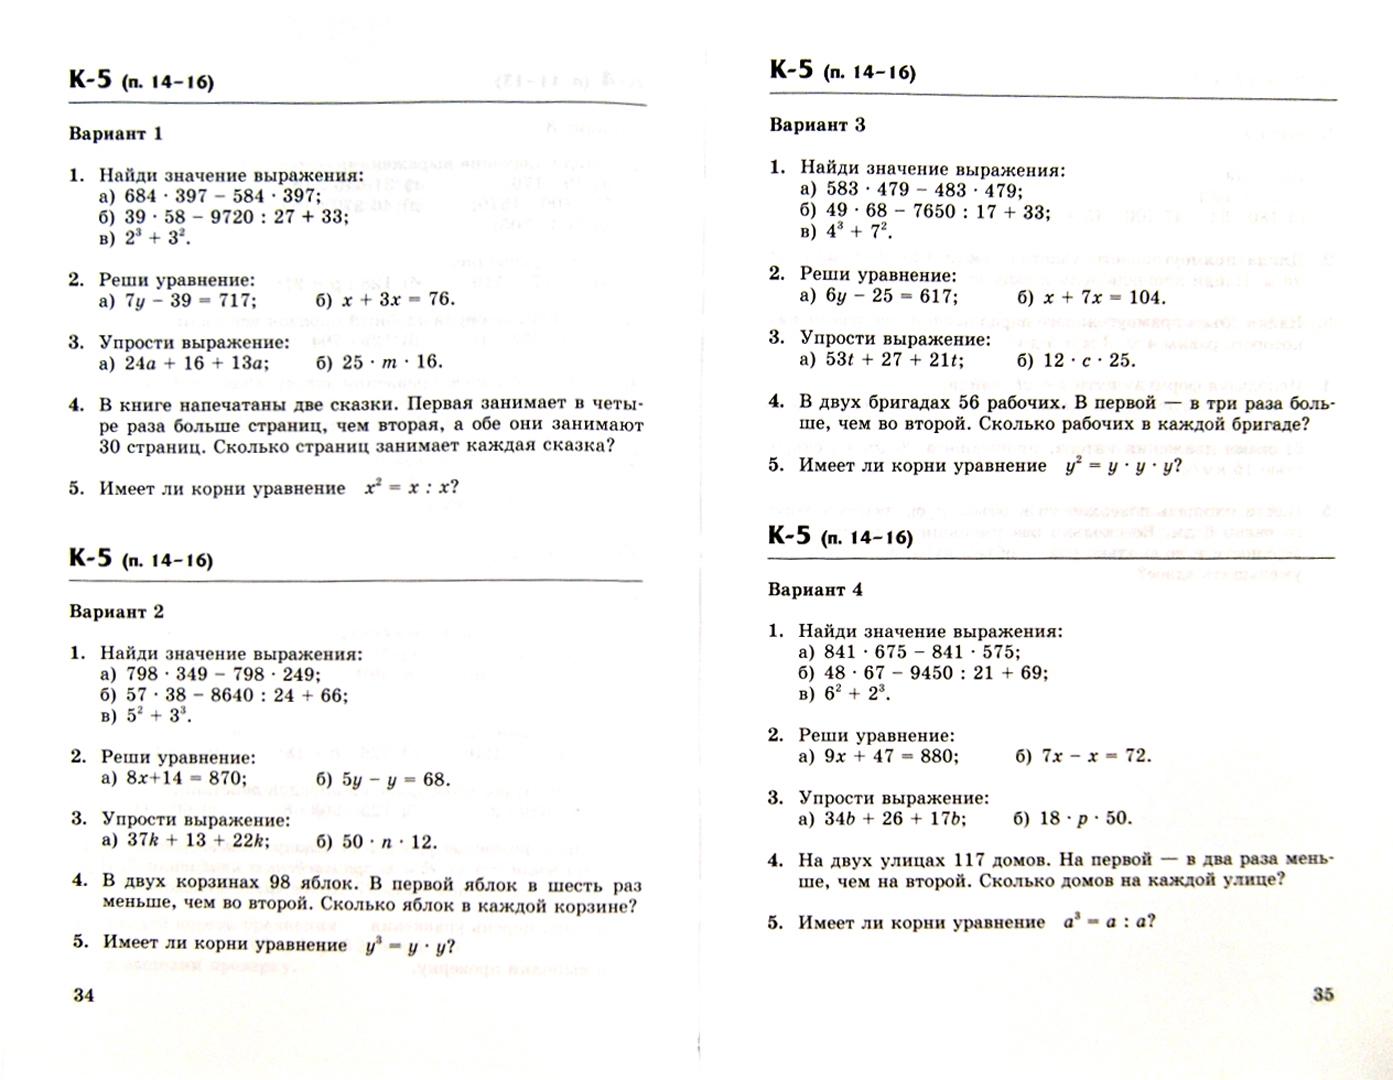 Иллюстрация 1 из 2 для Математика. 5 класс. Контрольные работы. ФГОС - Жохов, Крайнева | Лабиринт - книги. Источник: Лабиринт